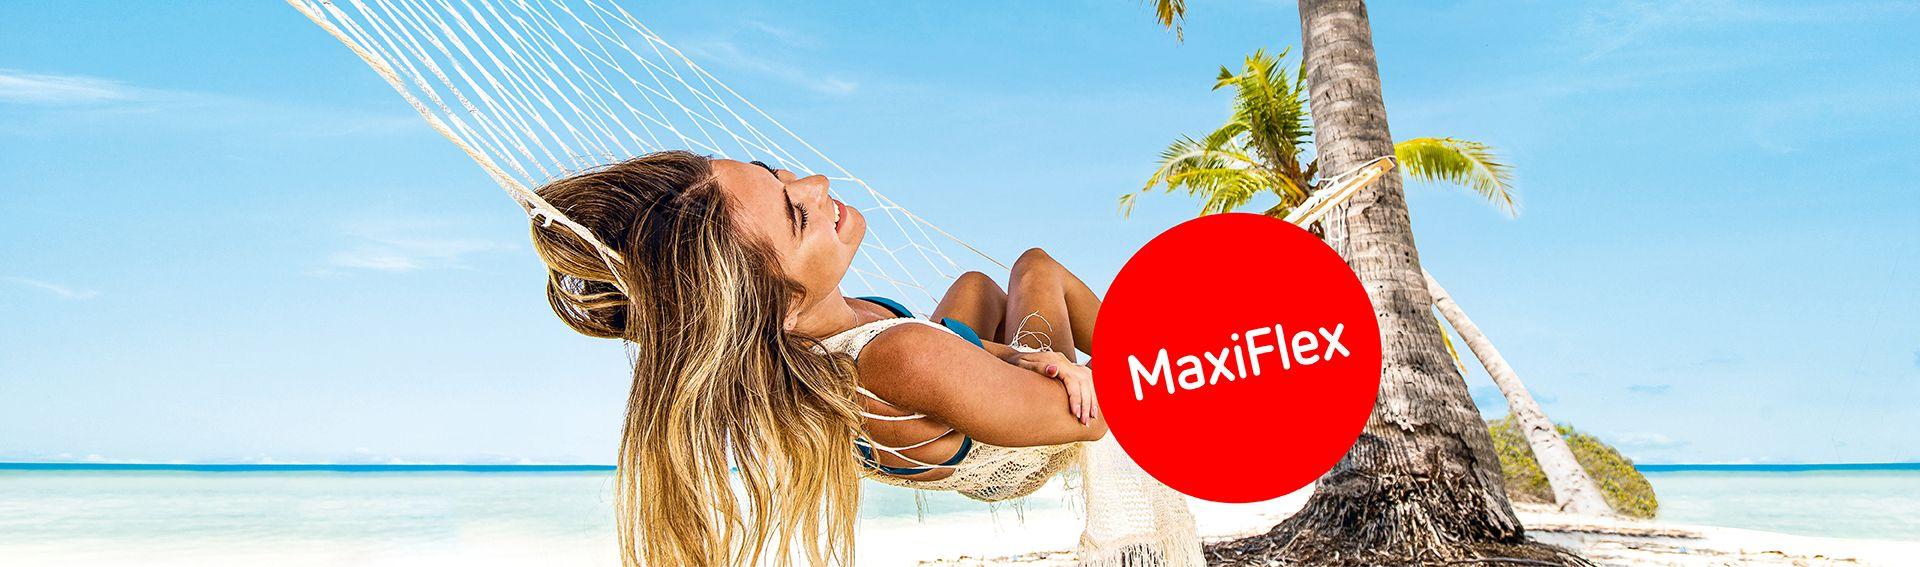 MaxiFlex – bis 21 Tage vor Abreise kostenlos stornieren